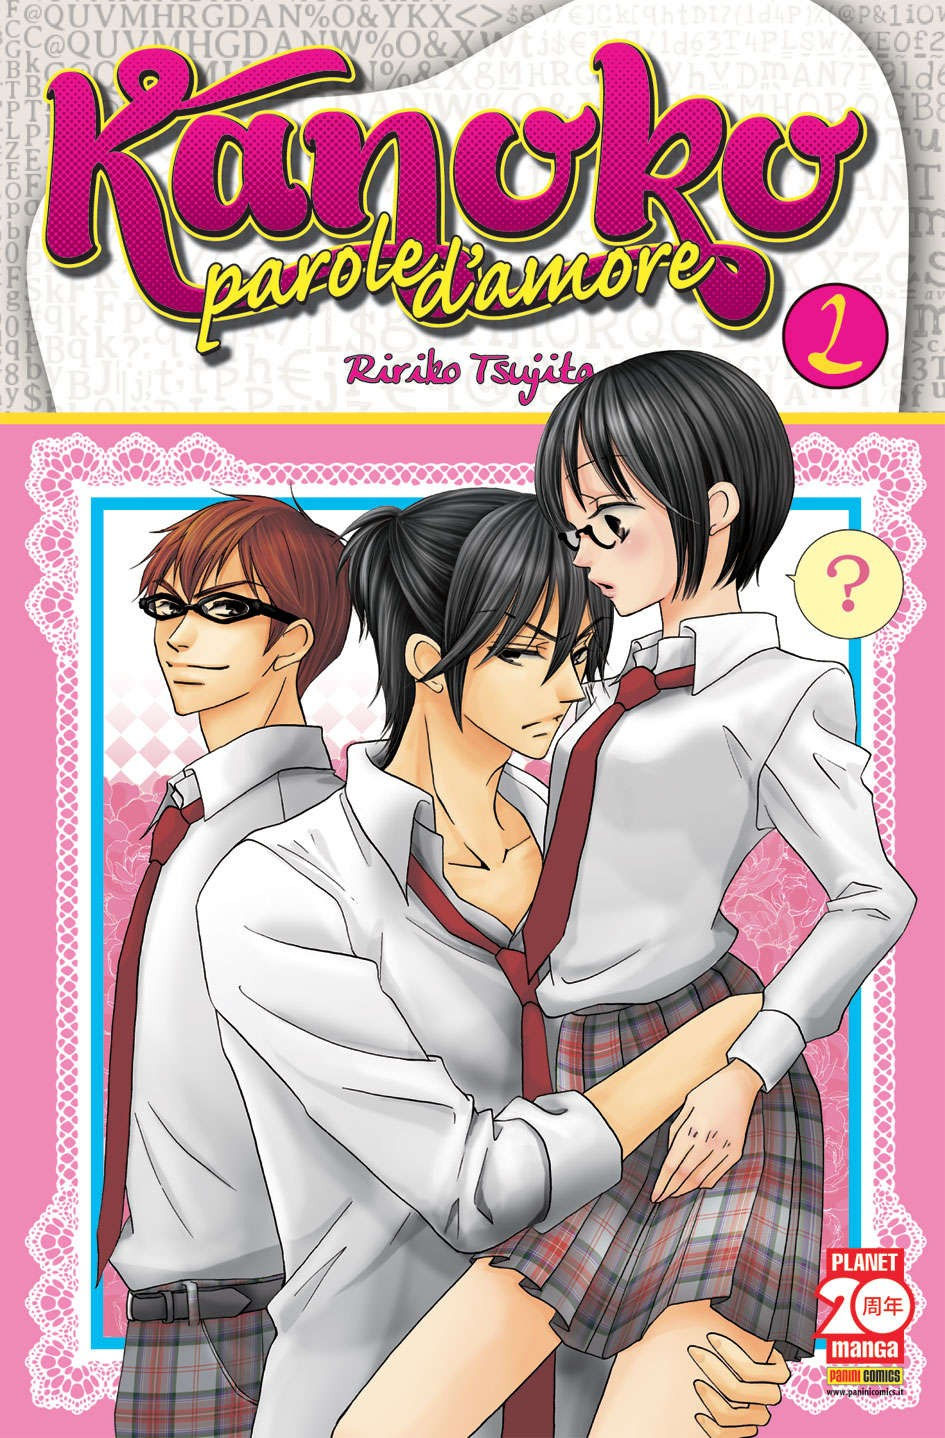 Kanoko Parole D'Amore - N° 2 - Kanoko Parole D'Amore (M11) - I Love Japan Planet Manga